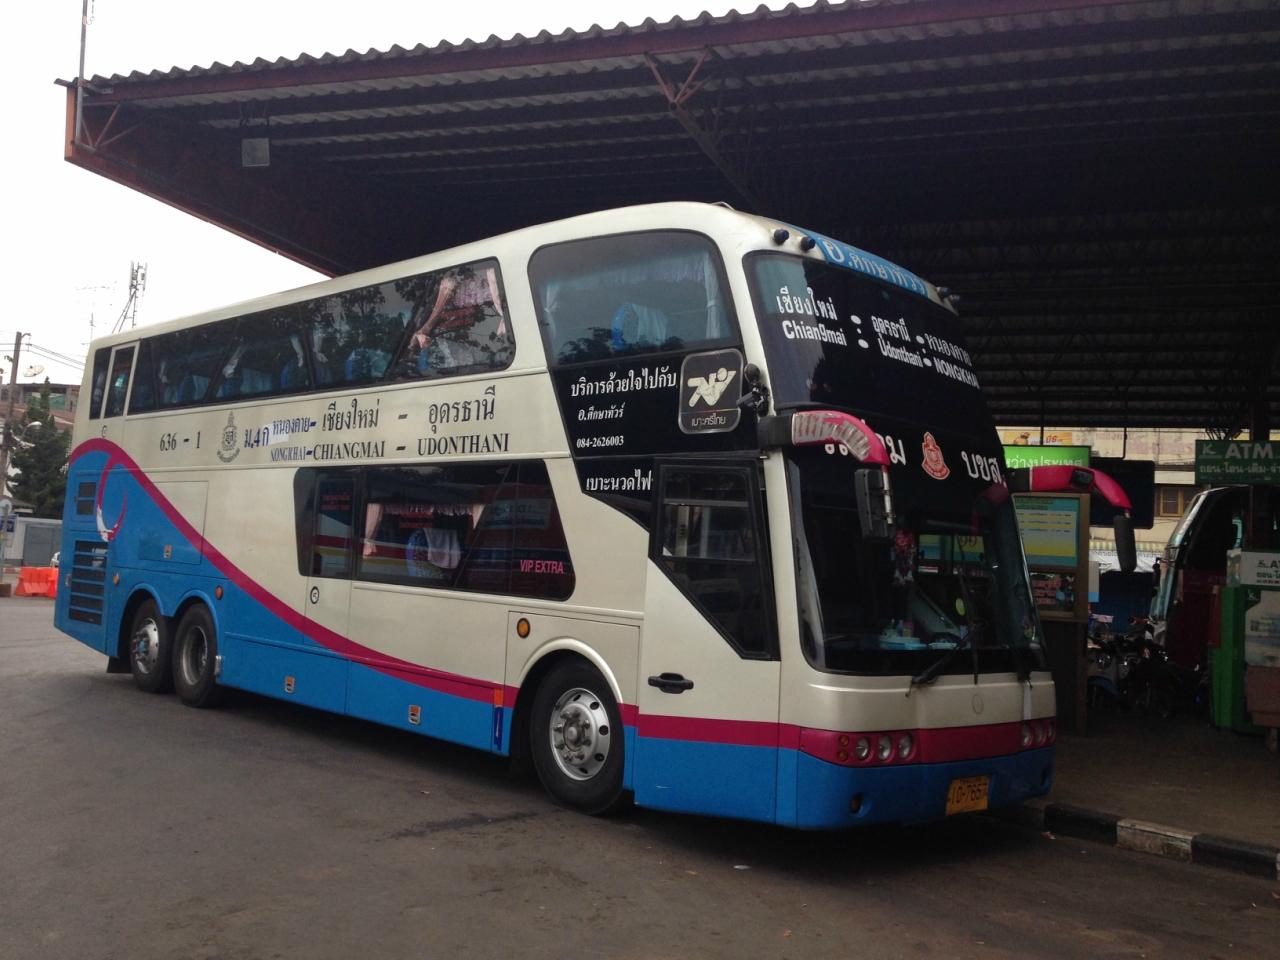 Автобус до Удонтхани